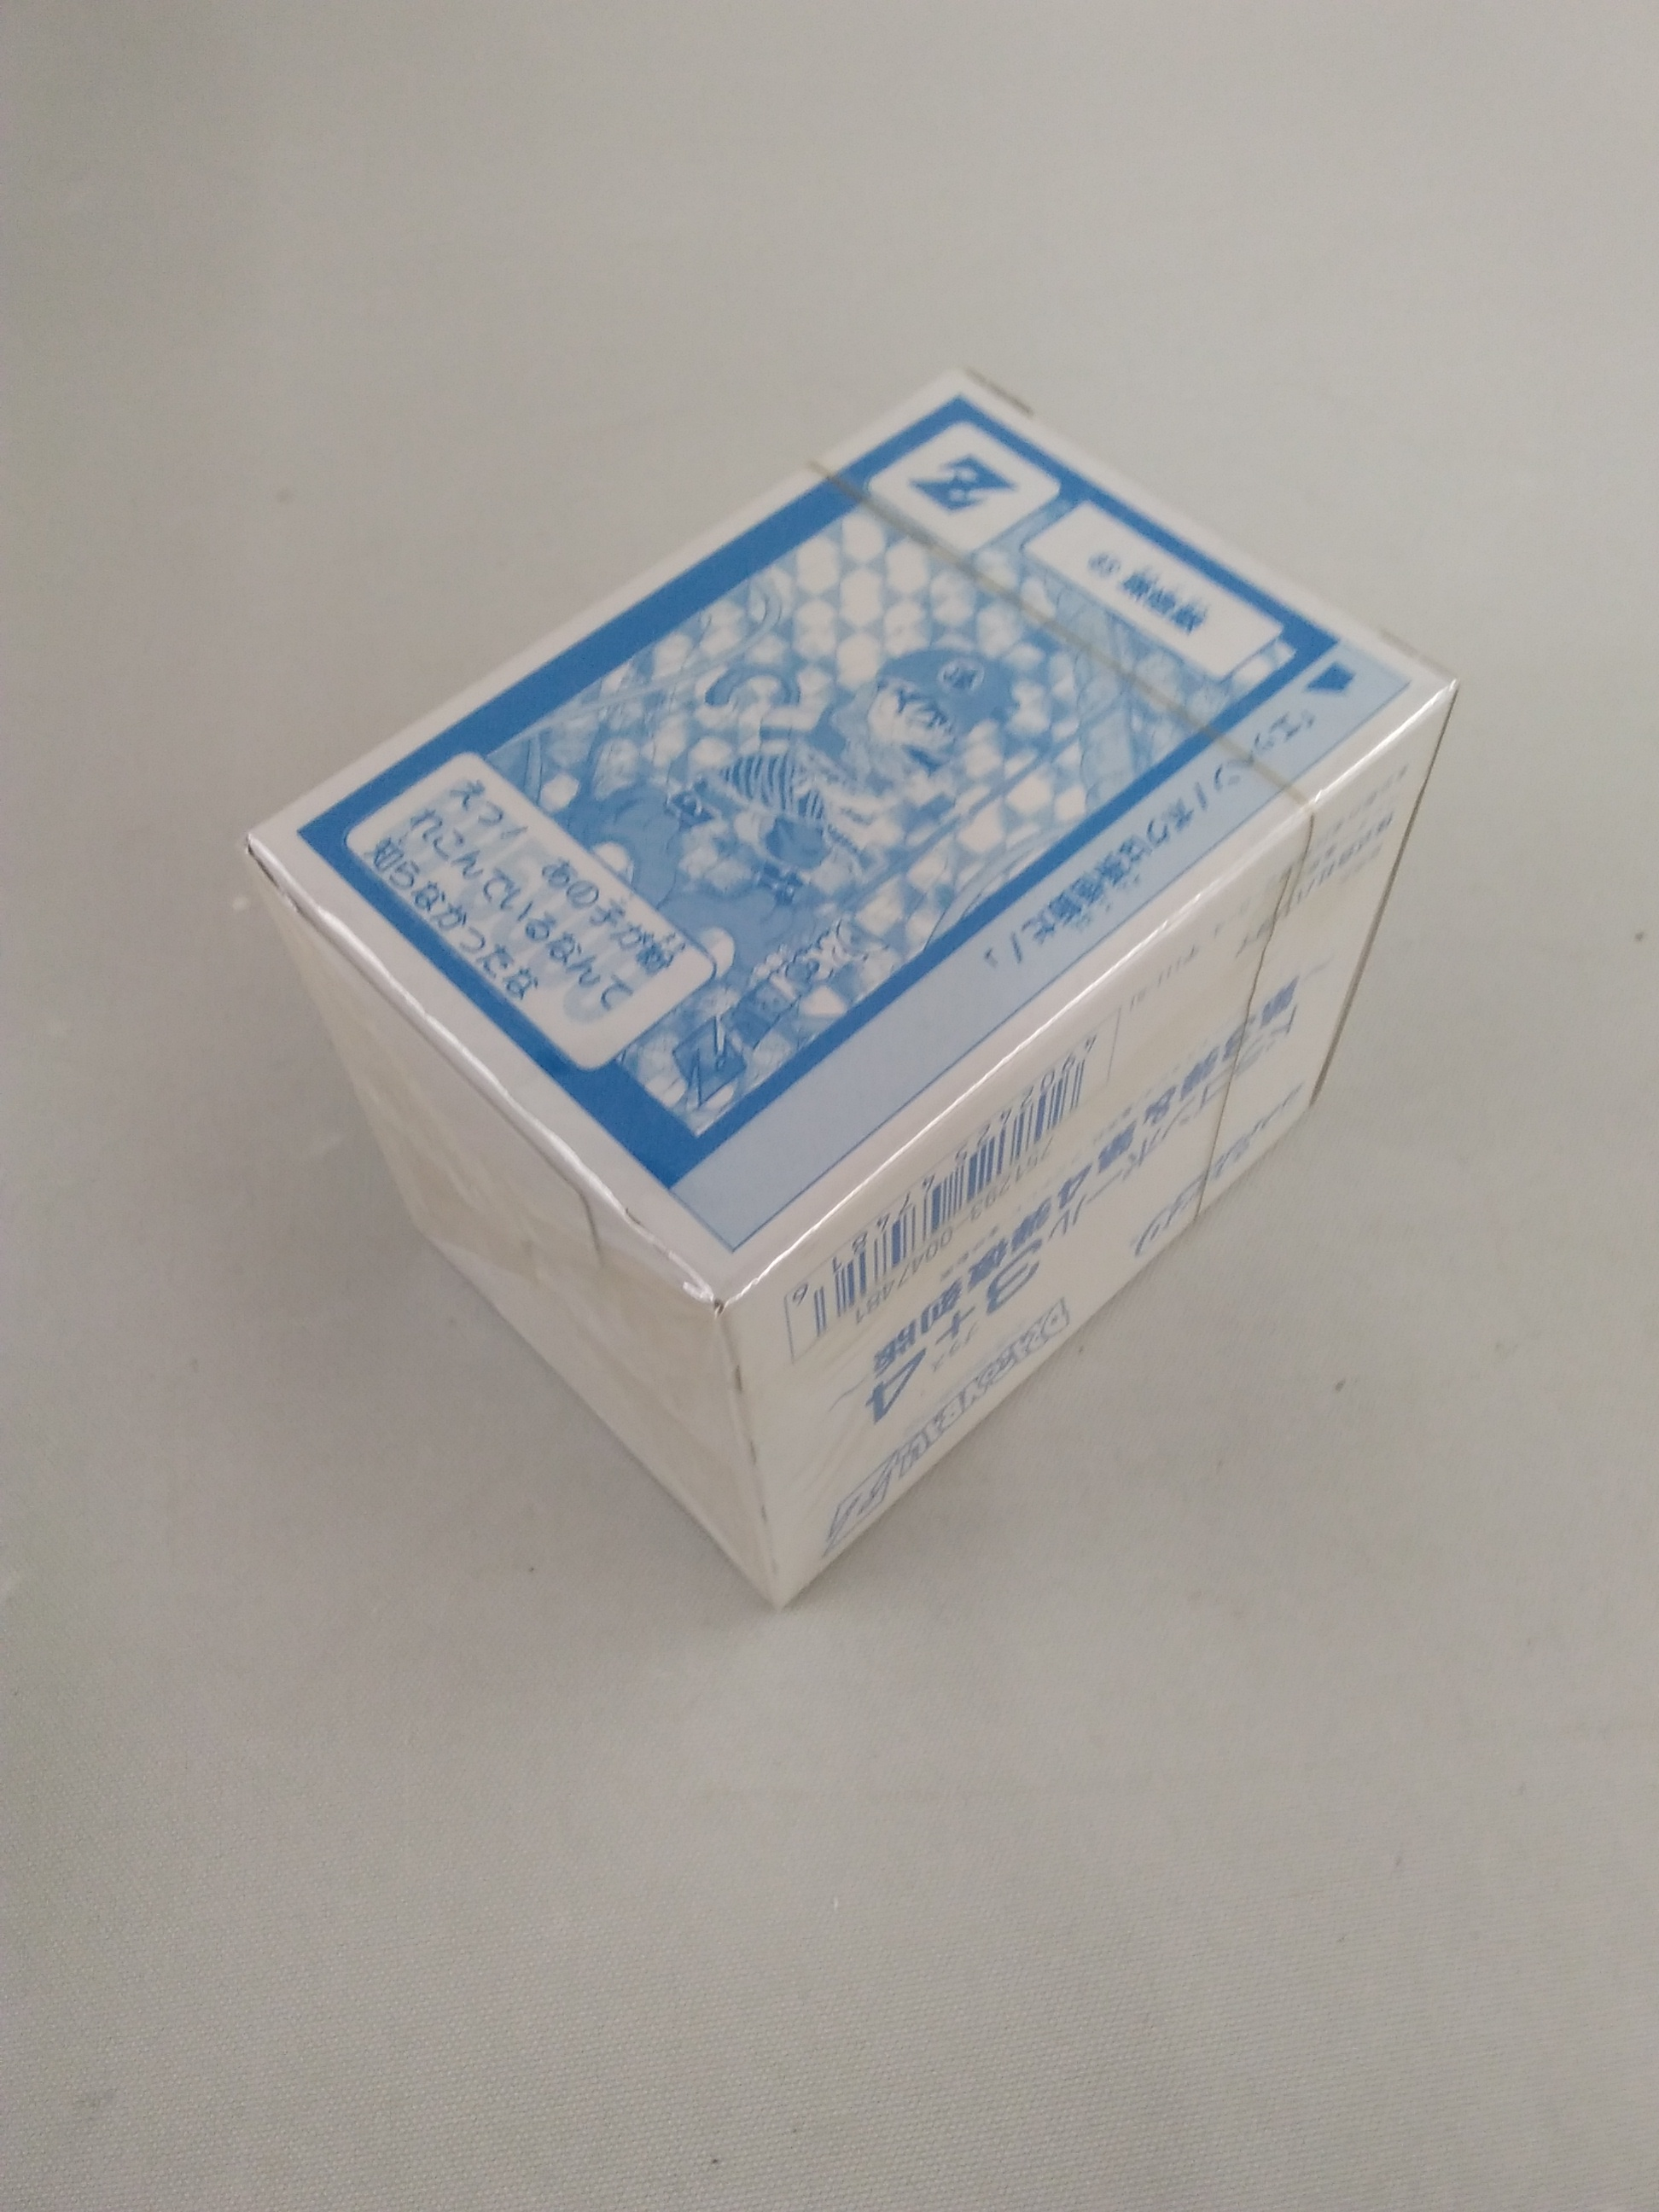 カードダス ドラゴンボール3+4 第3弾&第4弾復刻版|バンダイ